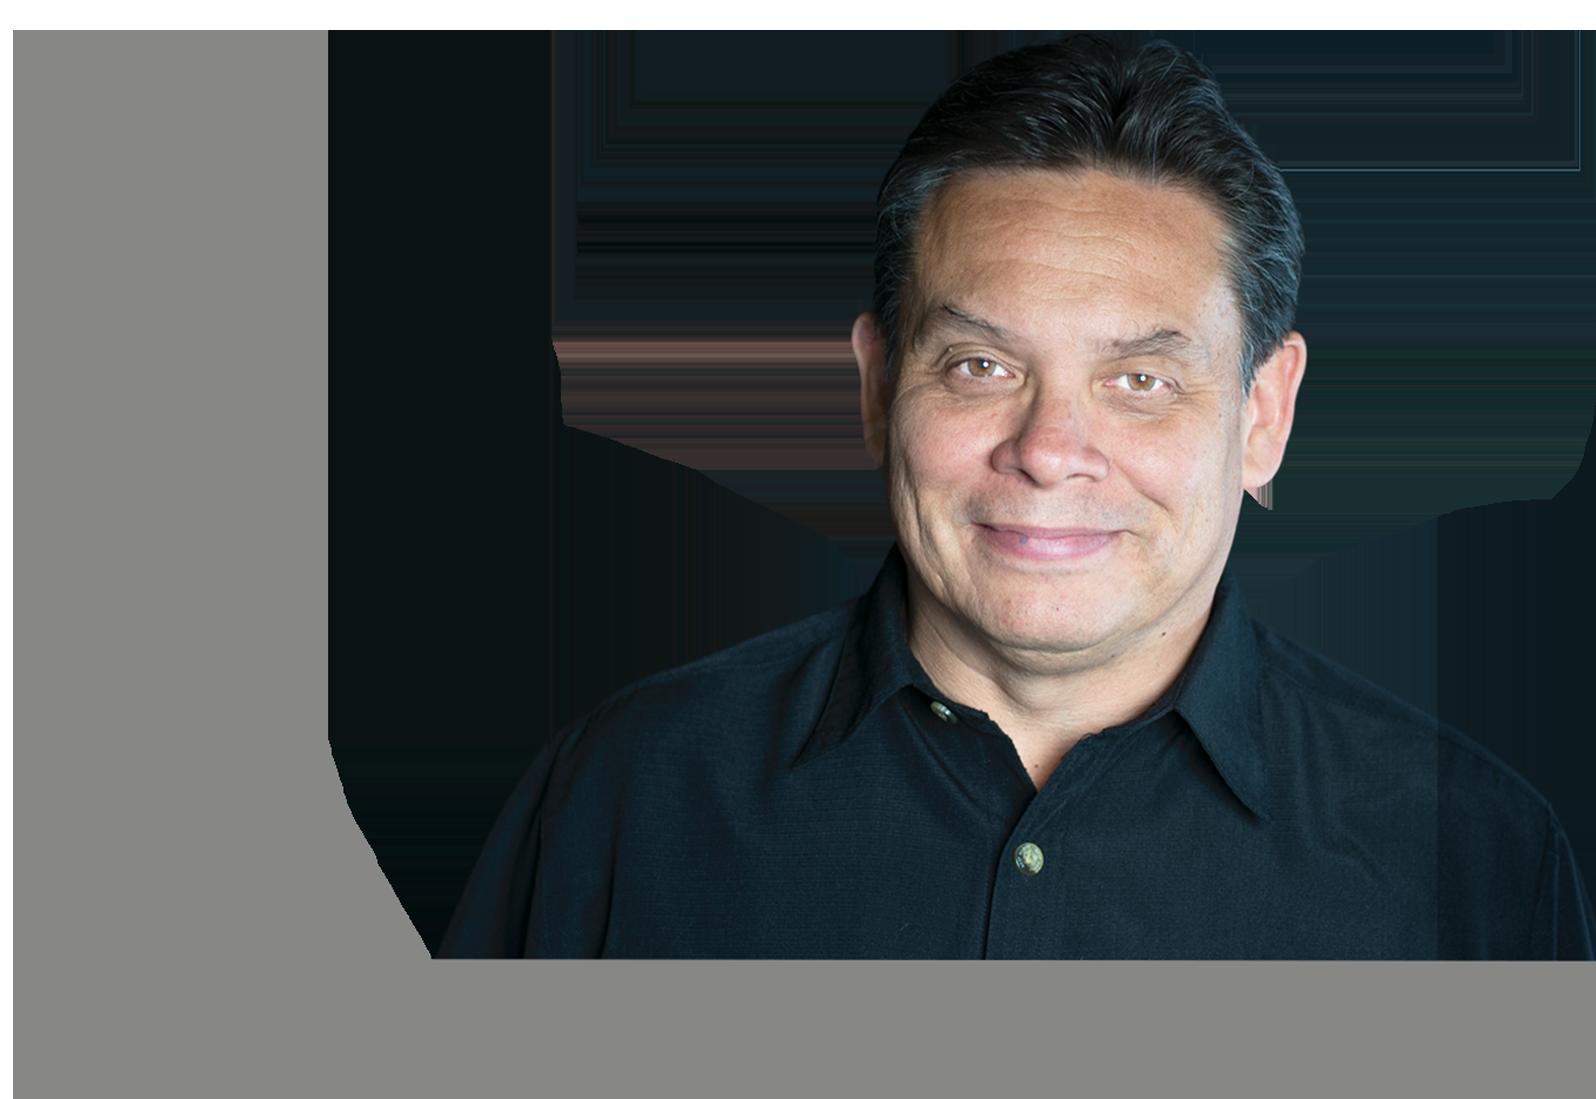 Conoce al instructor, Cesar Prato - Cesar Prato, BSEE / MBA es un Business Coach y Fundador de EZtratego Consulting. Él está en una misión de vida para mejorar dramáticamente el rendimiento de los empresarios y pequeñas empresas. Cesar es un artesano de ideas de negocios y un impulsor de ingresos / ganancias especializado en el diseño de